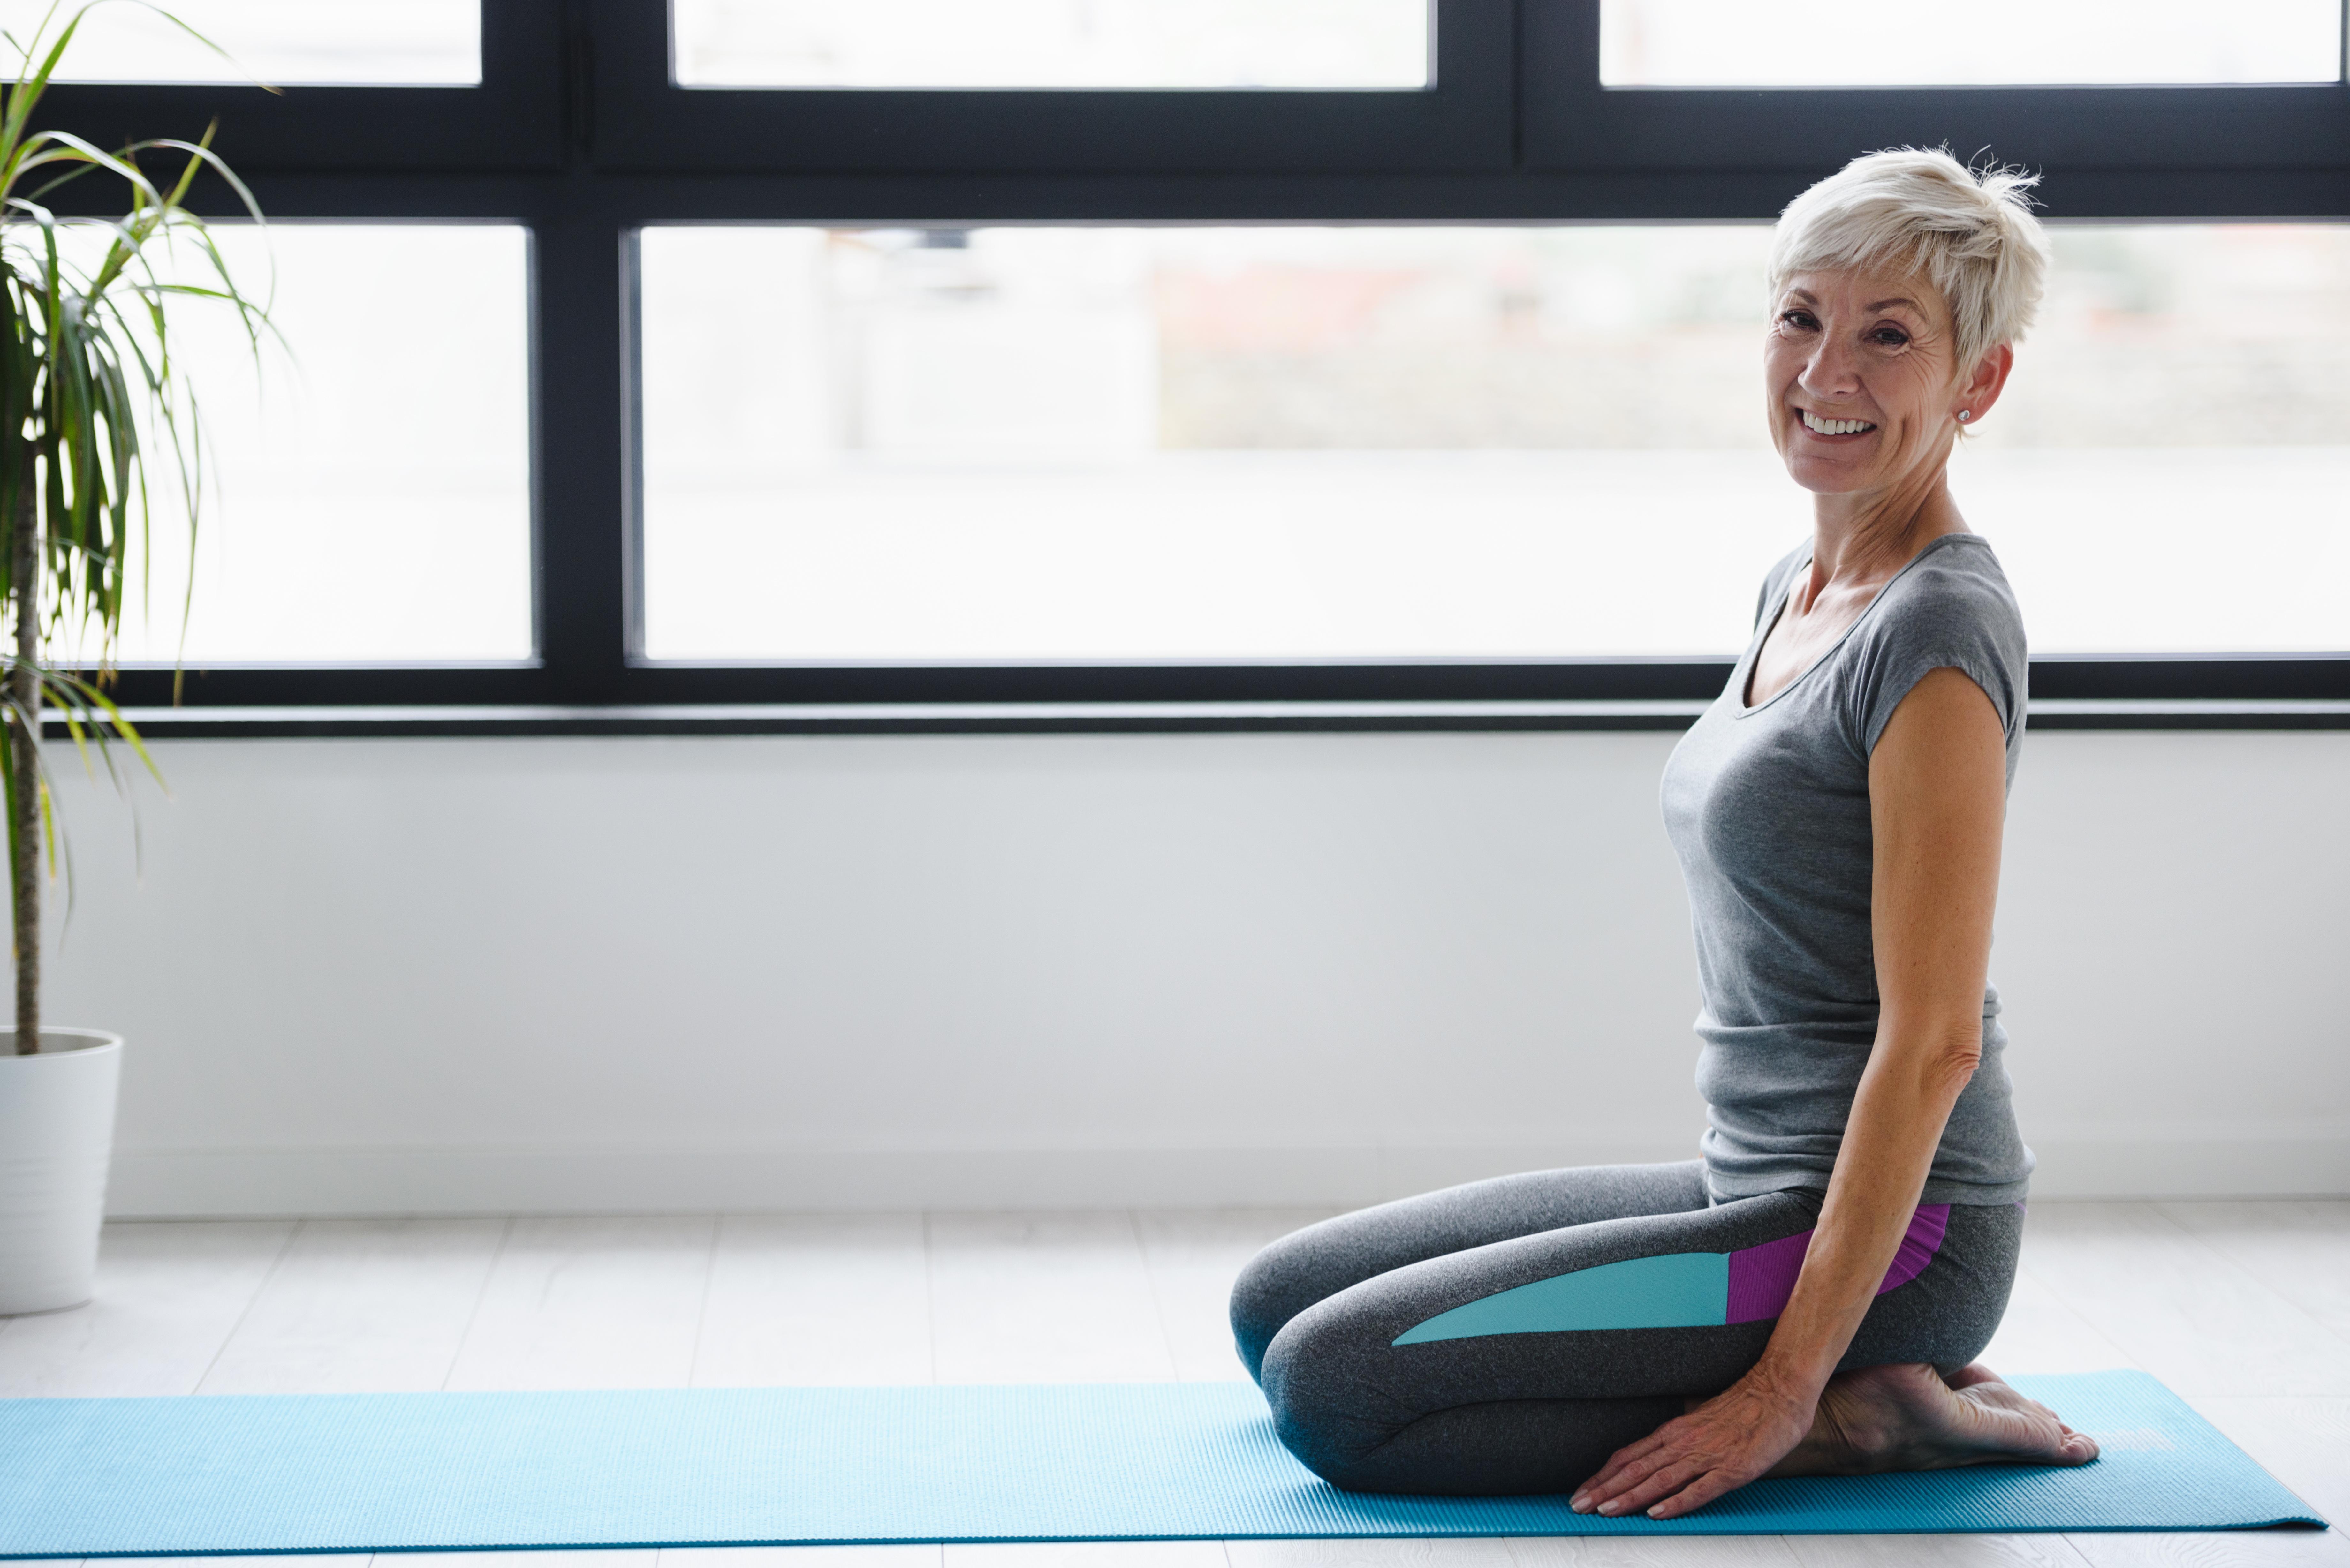 Une pratique régulière de l'exercice réduit le risque de trouble cérébrovasculaire et freine le déclin cognitif lié à l'âge